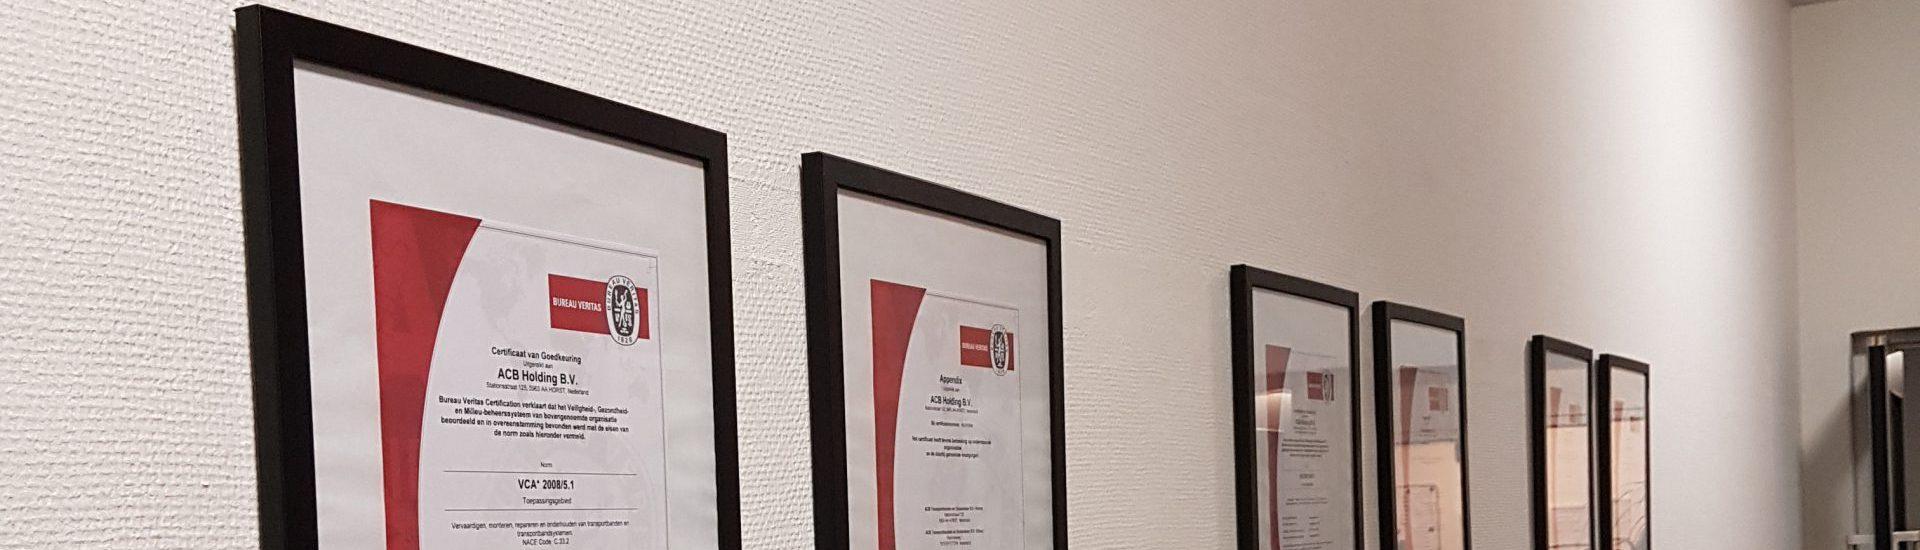 ISO certificaten